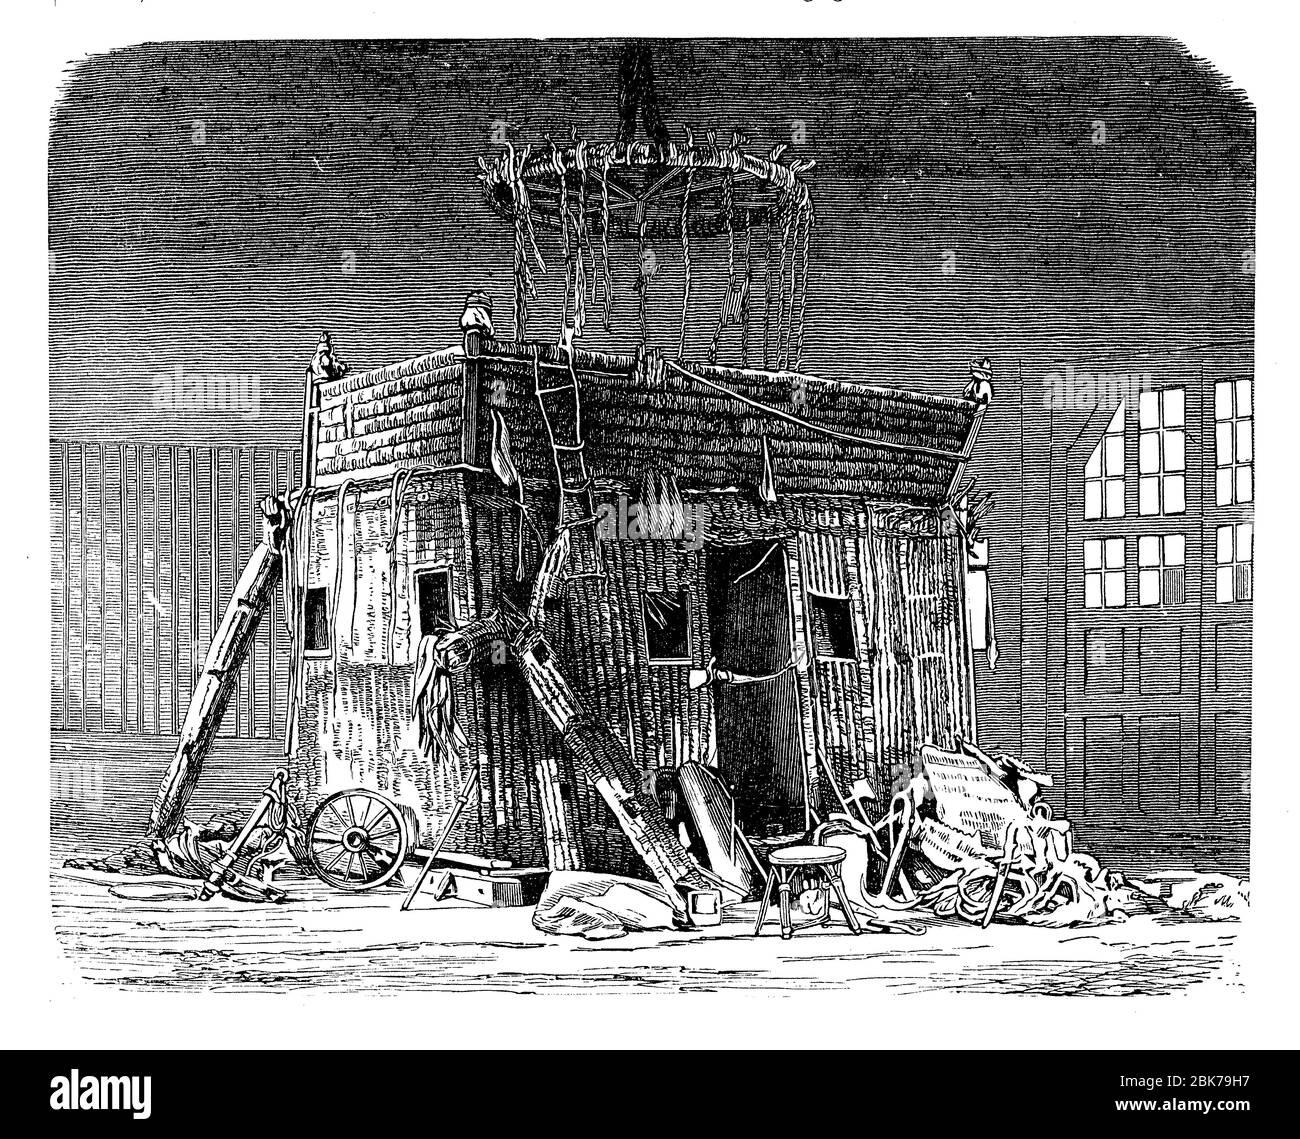 La télécabine de deux étages en osier avec un balcon du ballon le Geant après la catastrophe en 1863 Banque D'Images